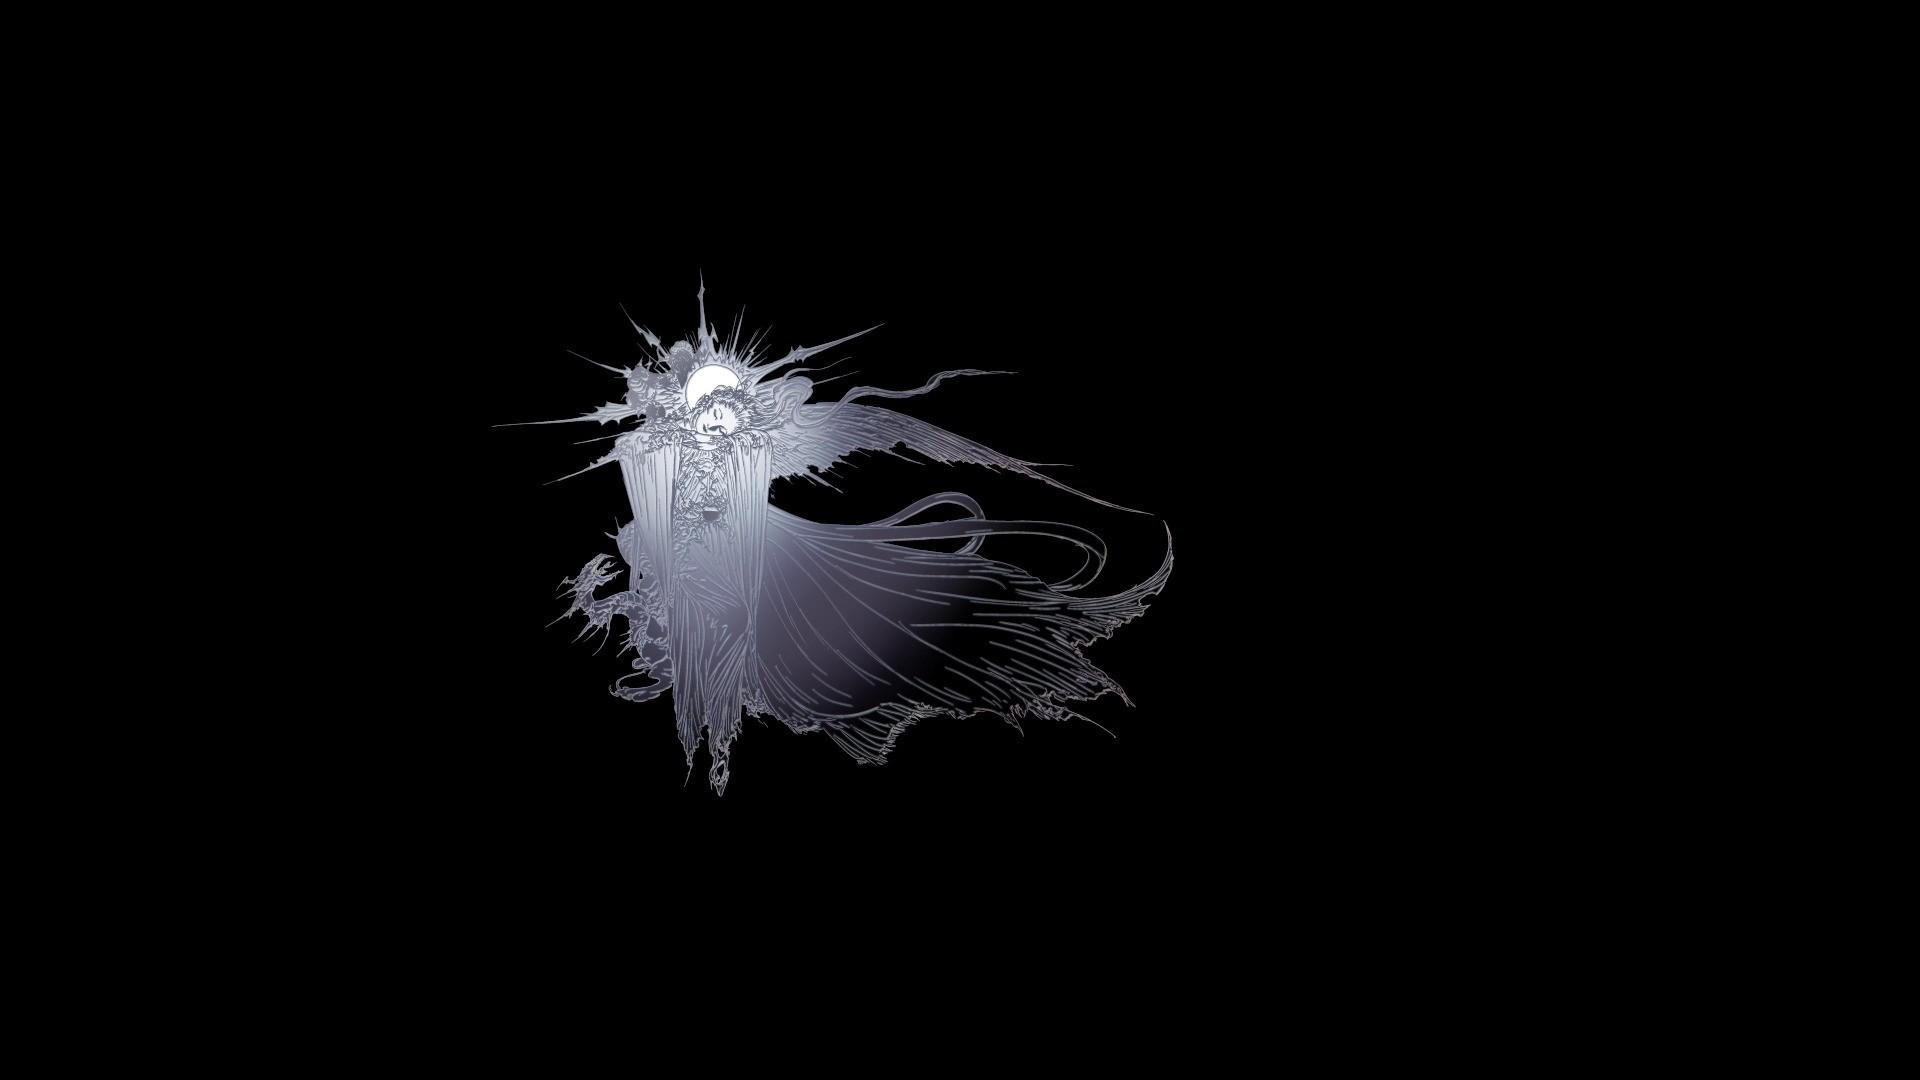 Final Fantasy Xv Ps3 wallpaper – 1459126